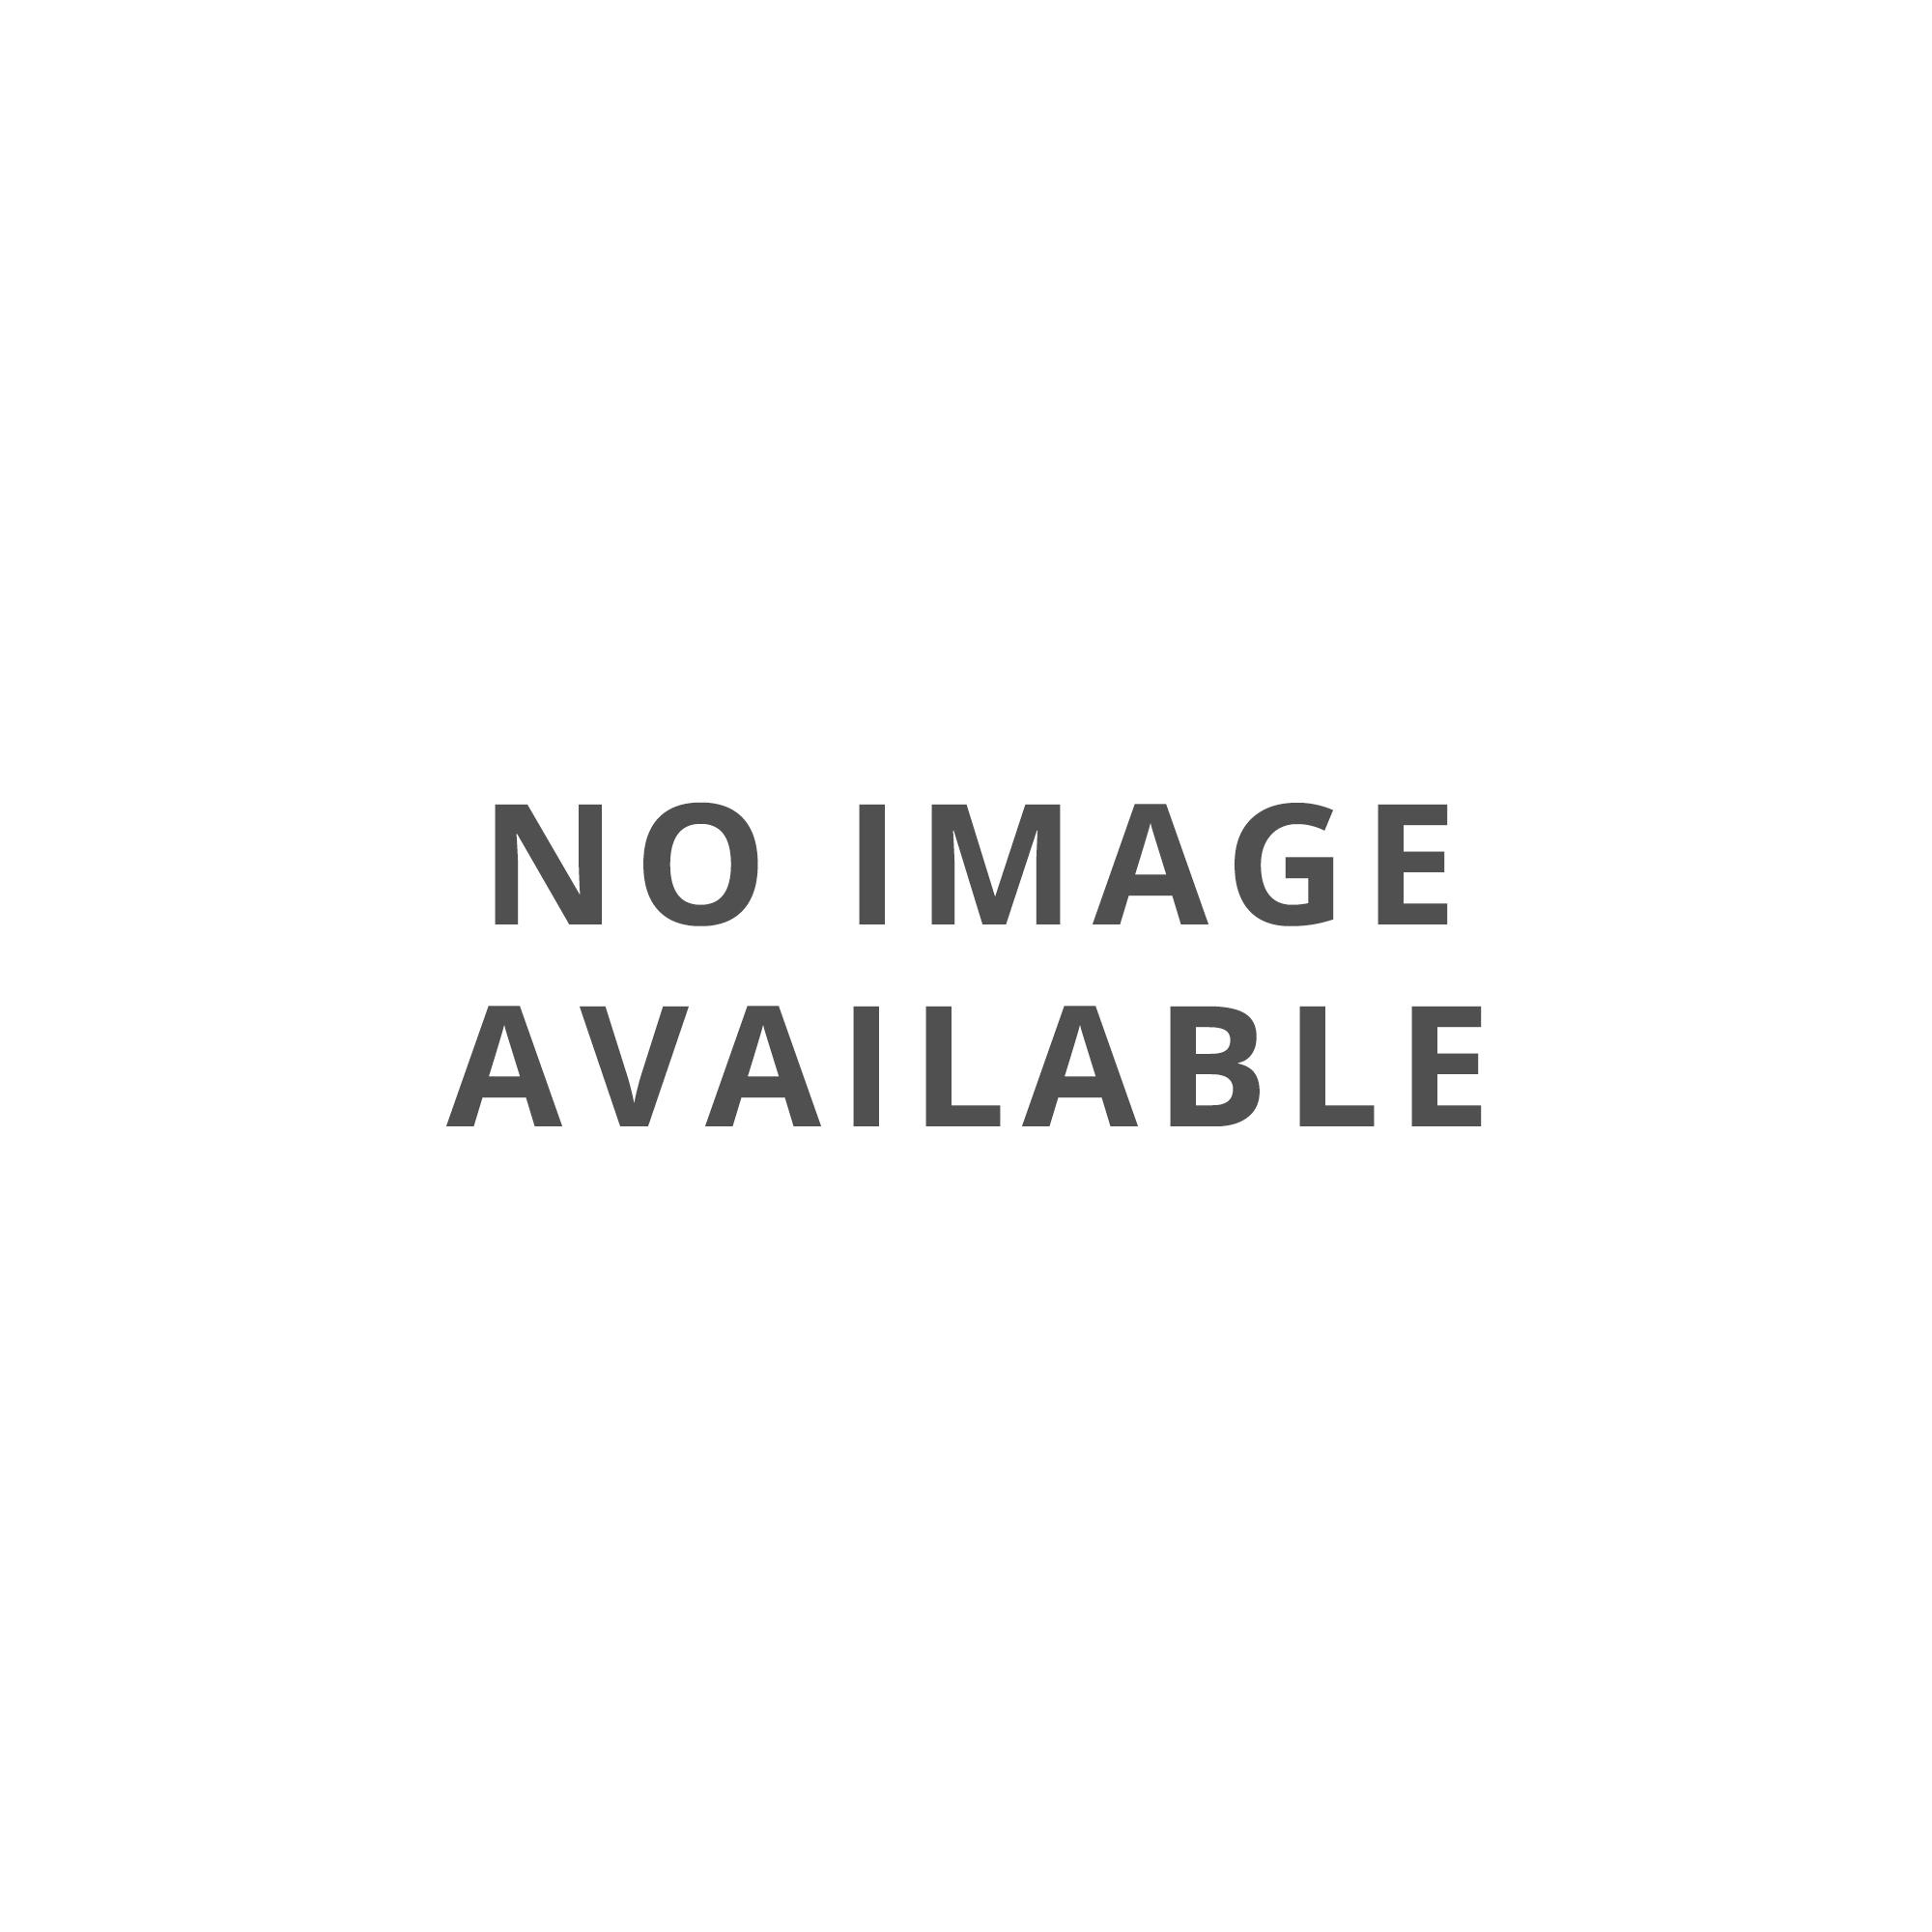 Cda Stainless Steel Round Drainer Kitchen Sink